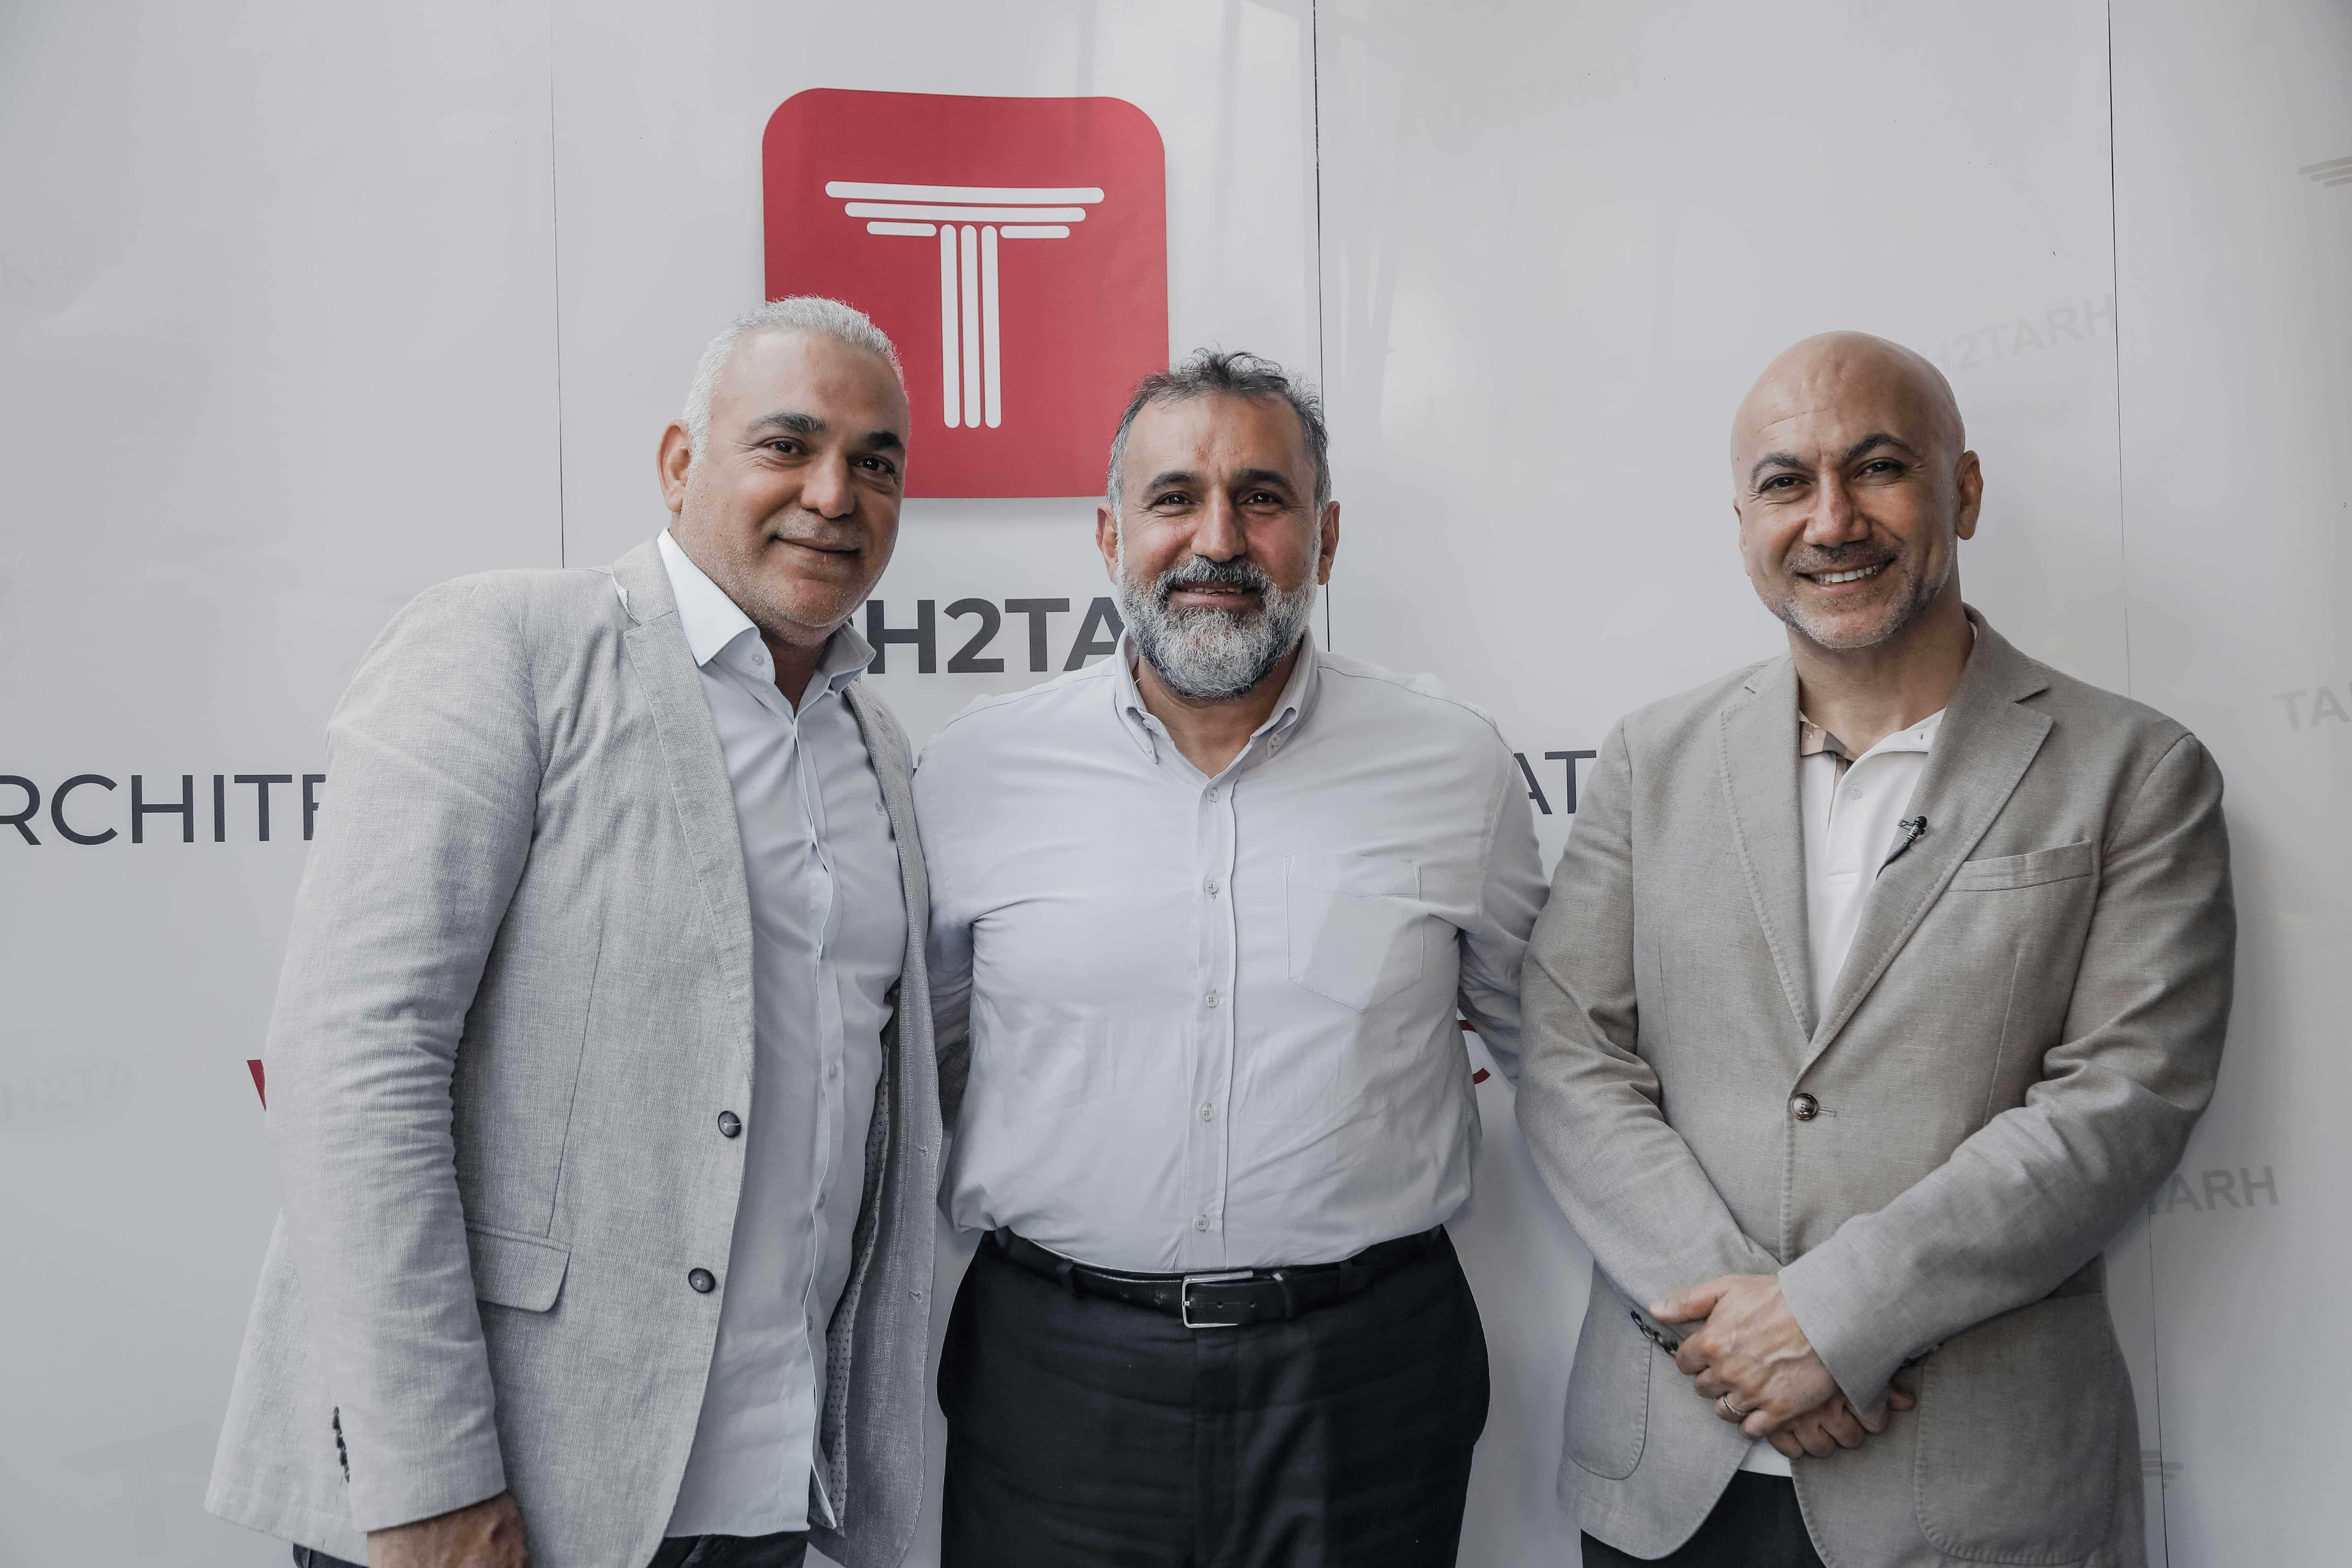 مصاحبه با مهندس بیژن نصیری و مهندس کوروش فتحی - مشاورین کارفرما محترم مسابقه خانه خوب